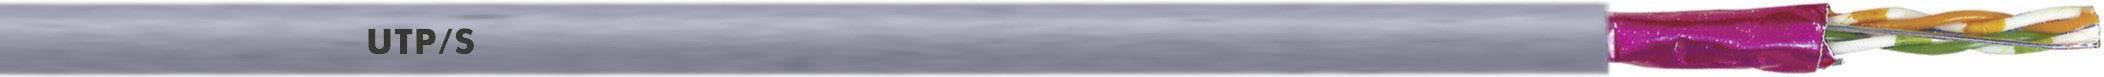 Datový kabel LappKabel CAT.6 UNITRONIC LAN 500 S/FTPA (2170143), 100 m, šedá